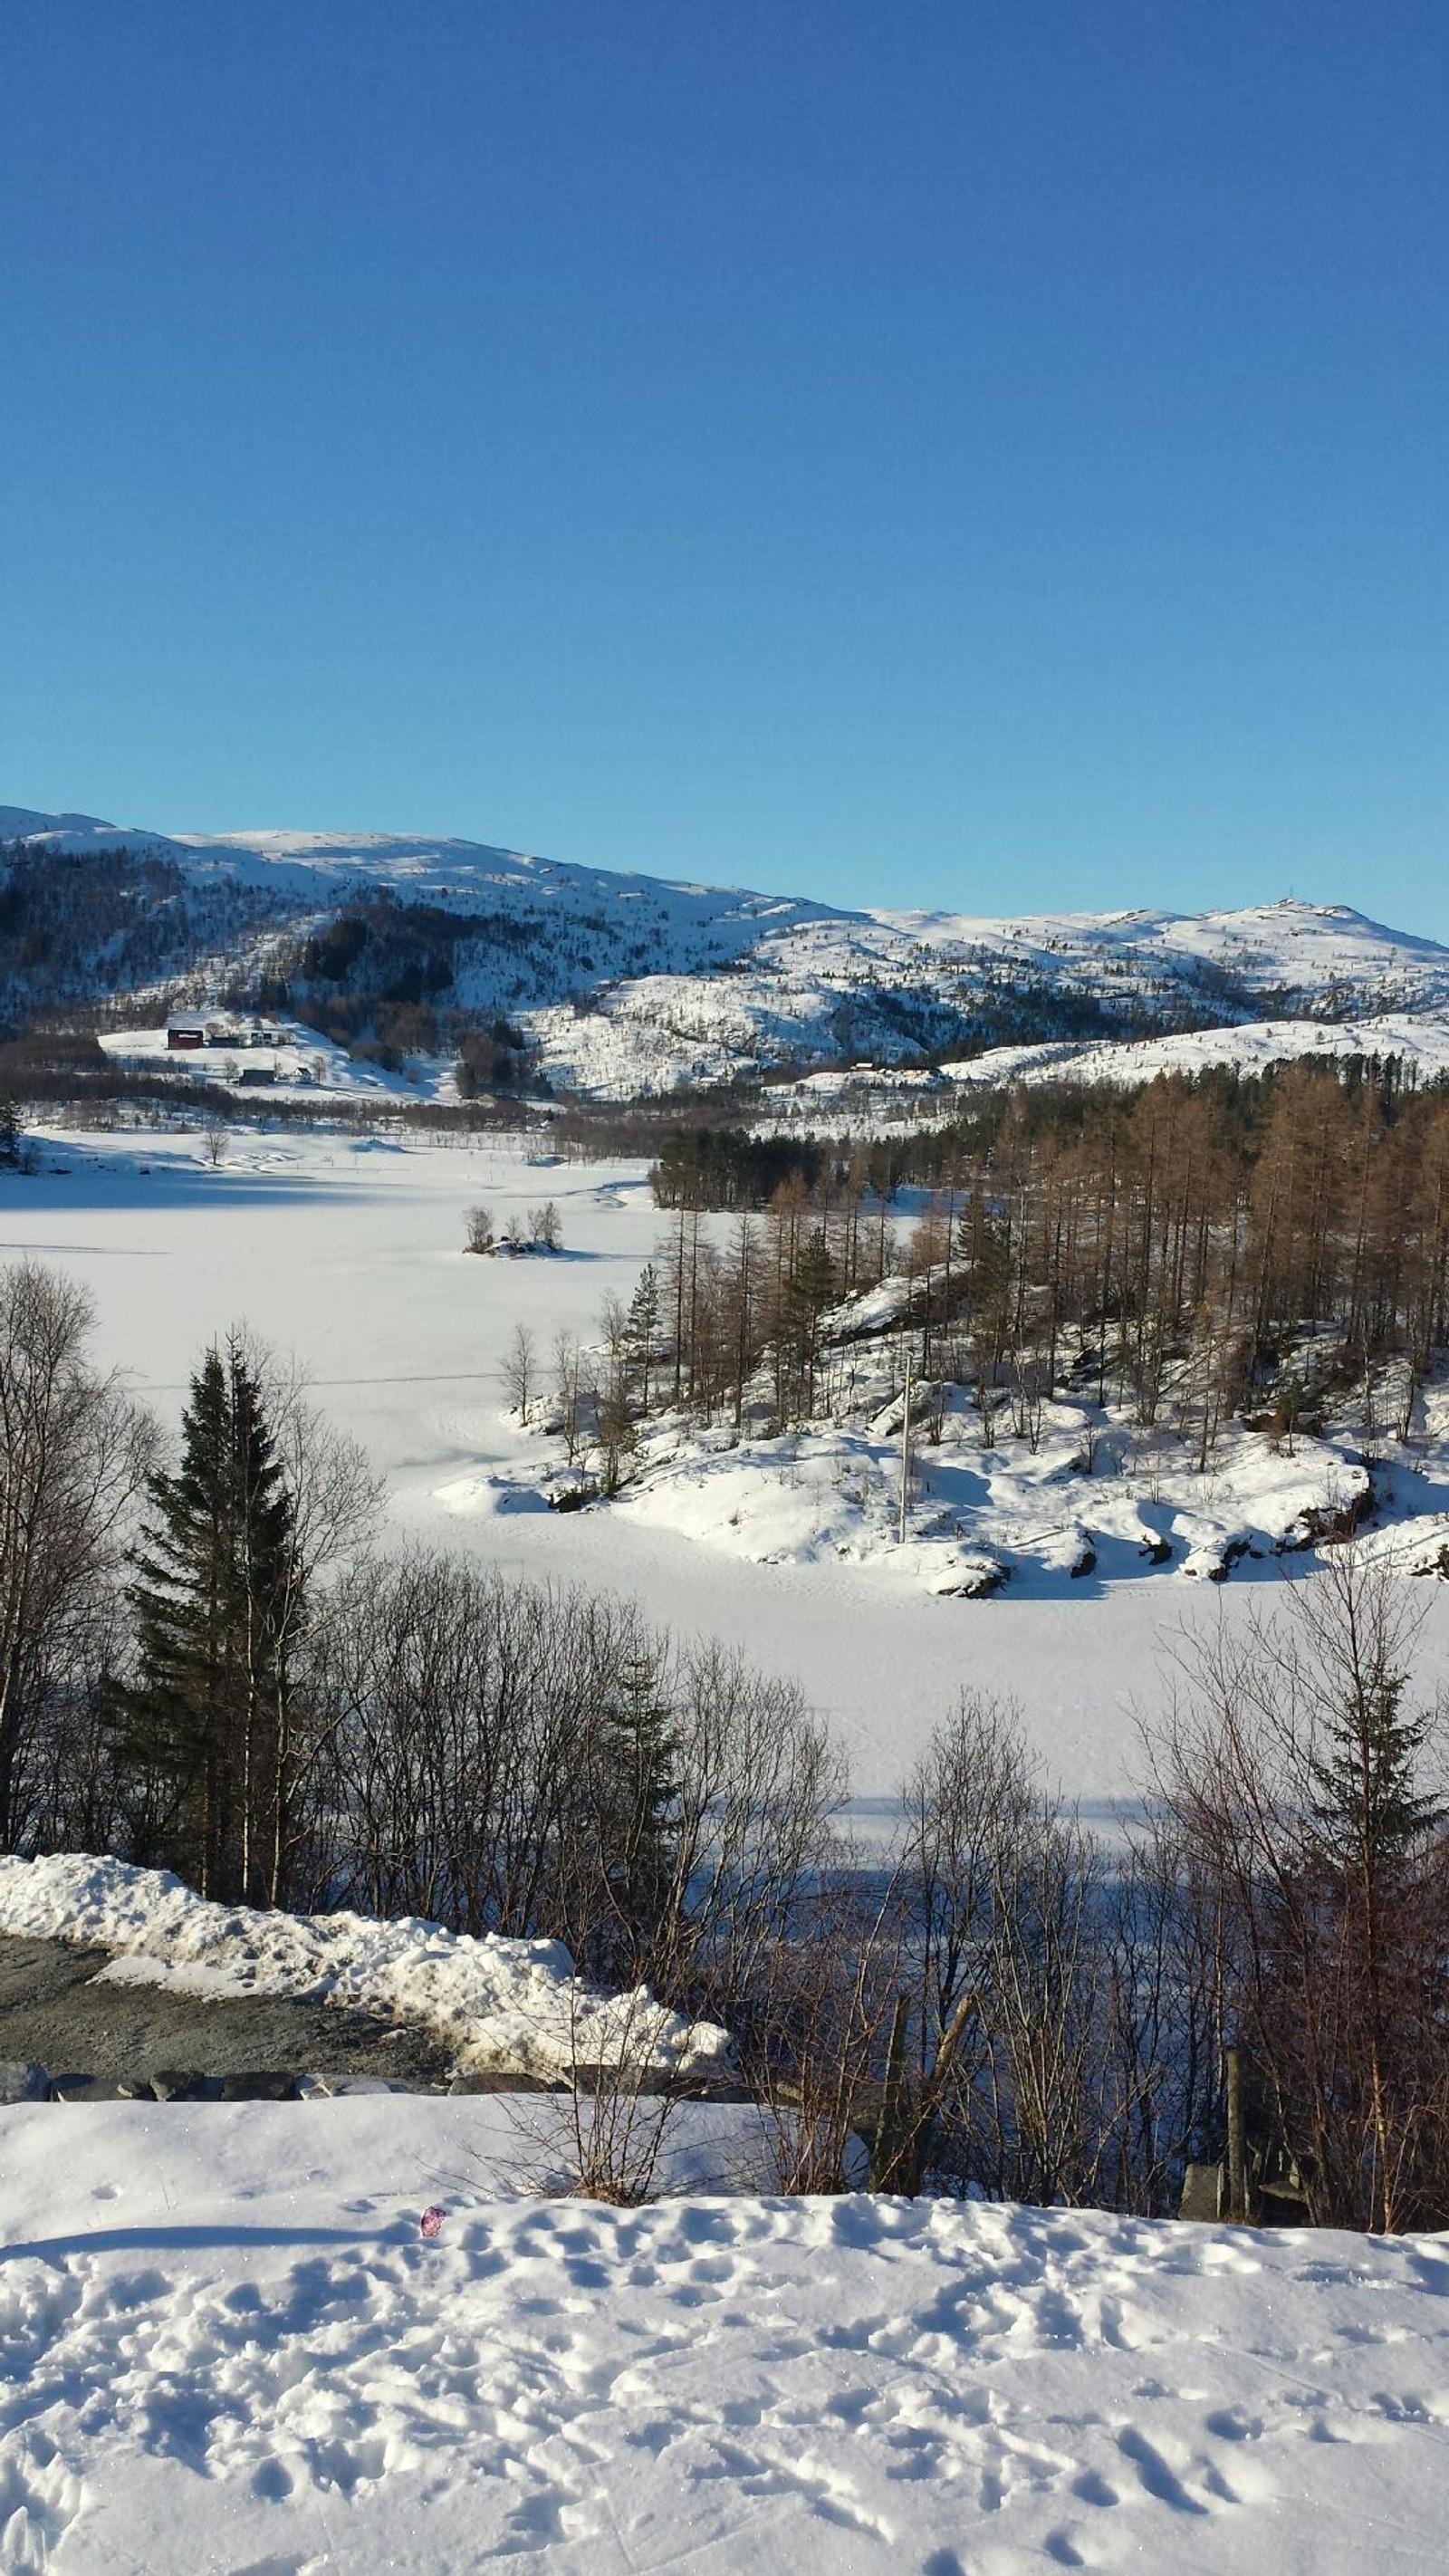 Nydelig morgon på Lavikdalen. Er heilt klar til ei flott påske, skriv Anne Britt.